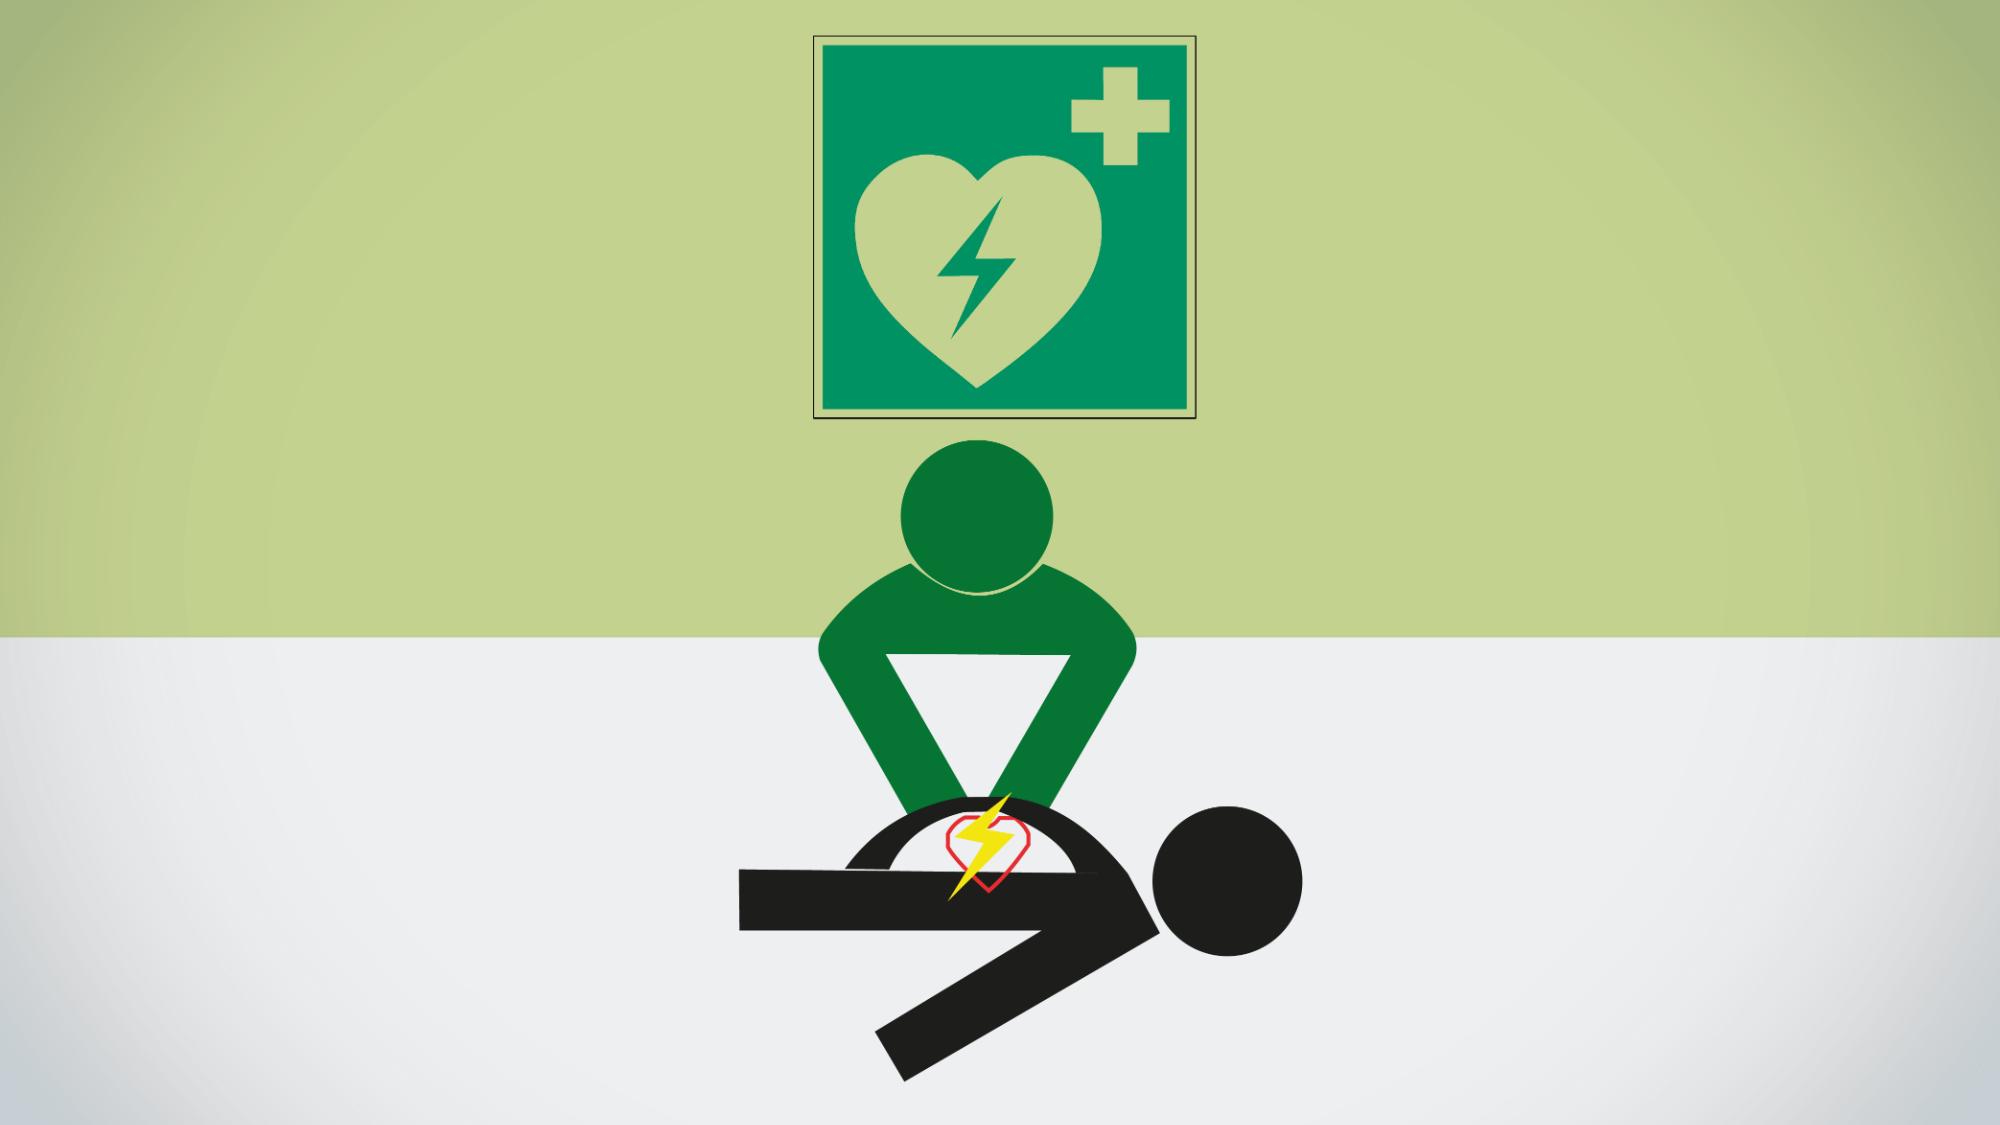 Représentation de la formation : Formation à l'utilisation du défibrillateur